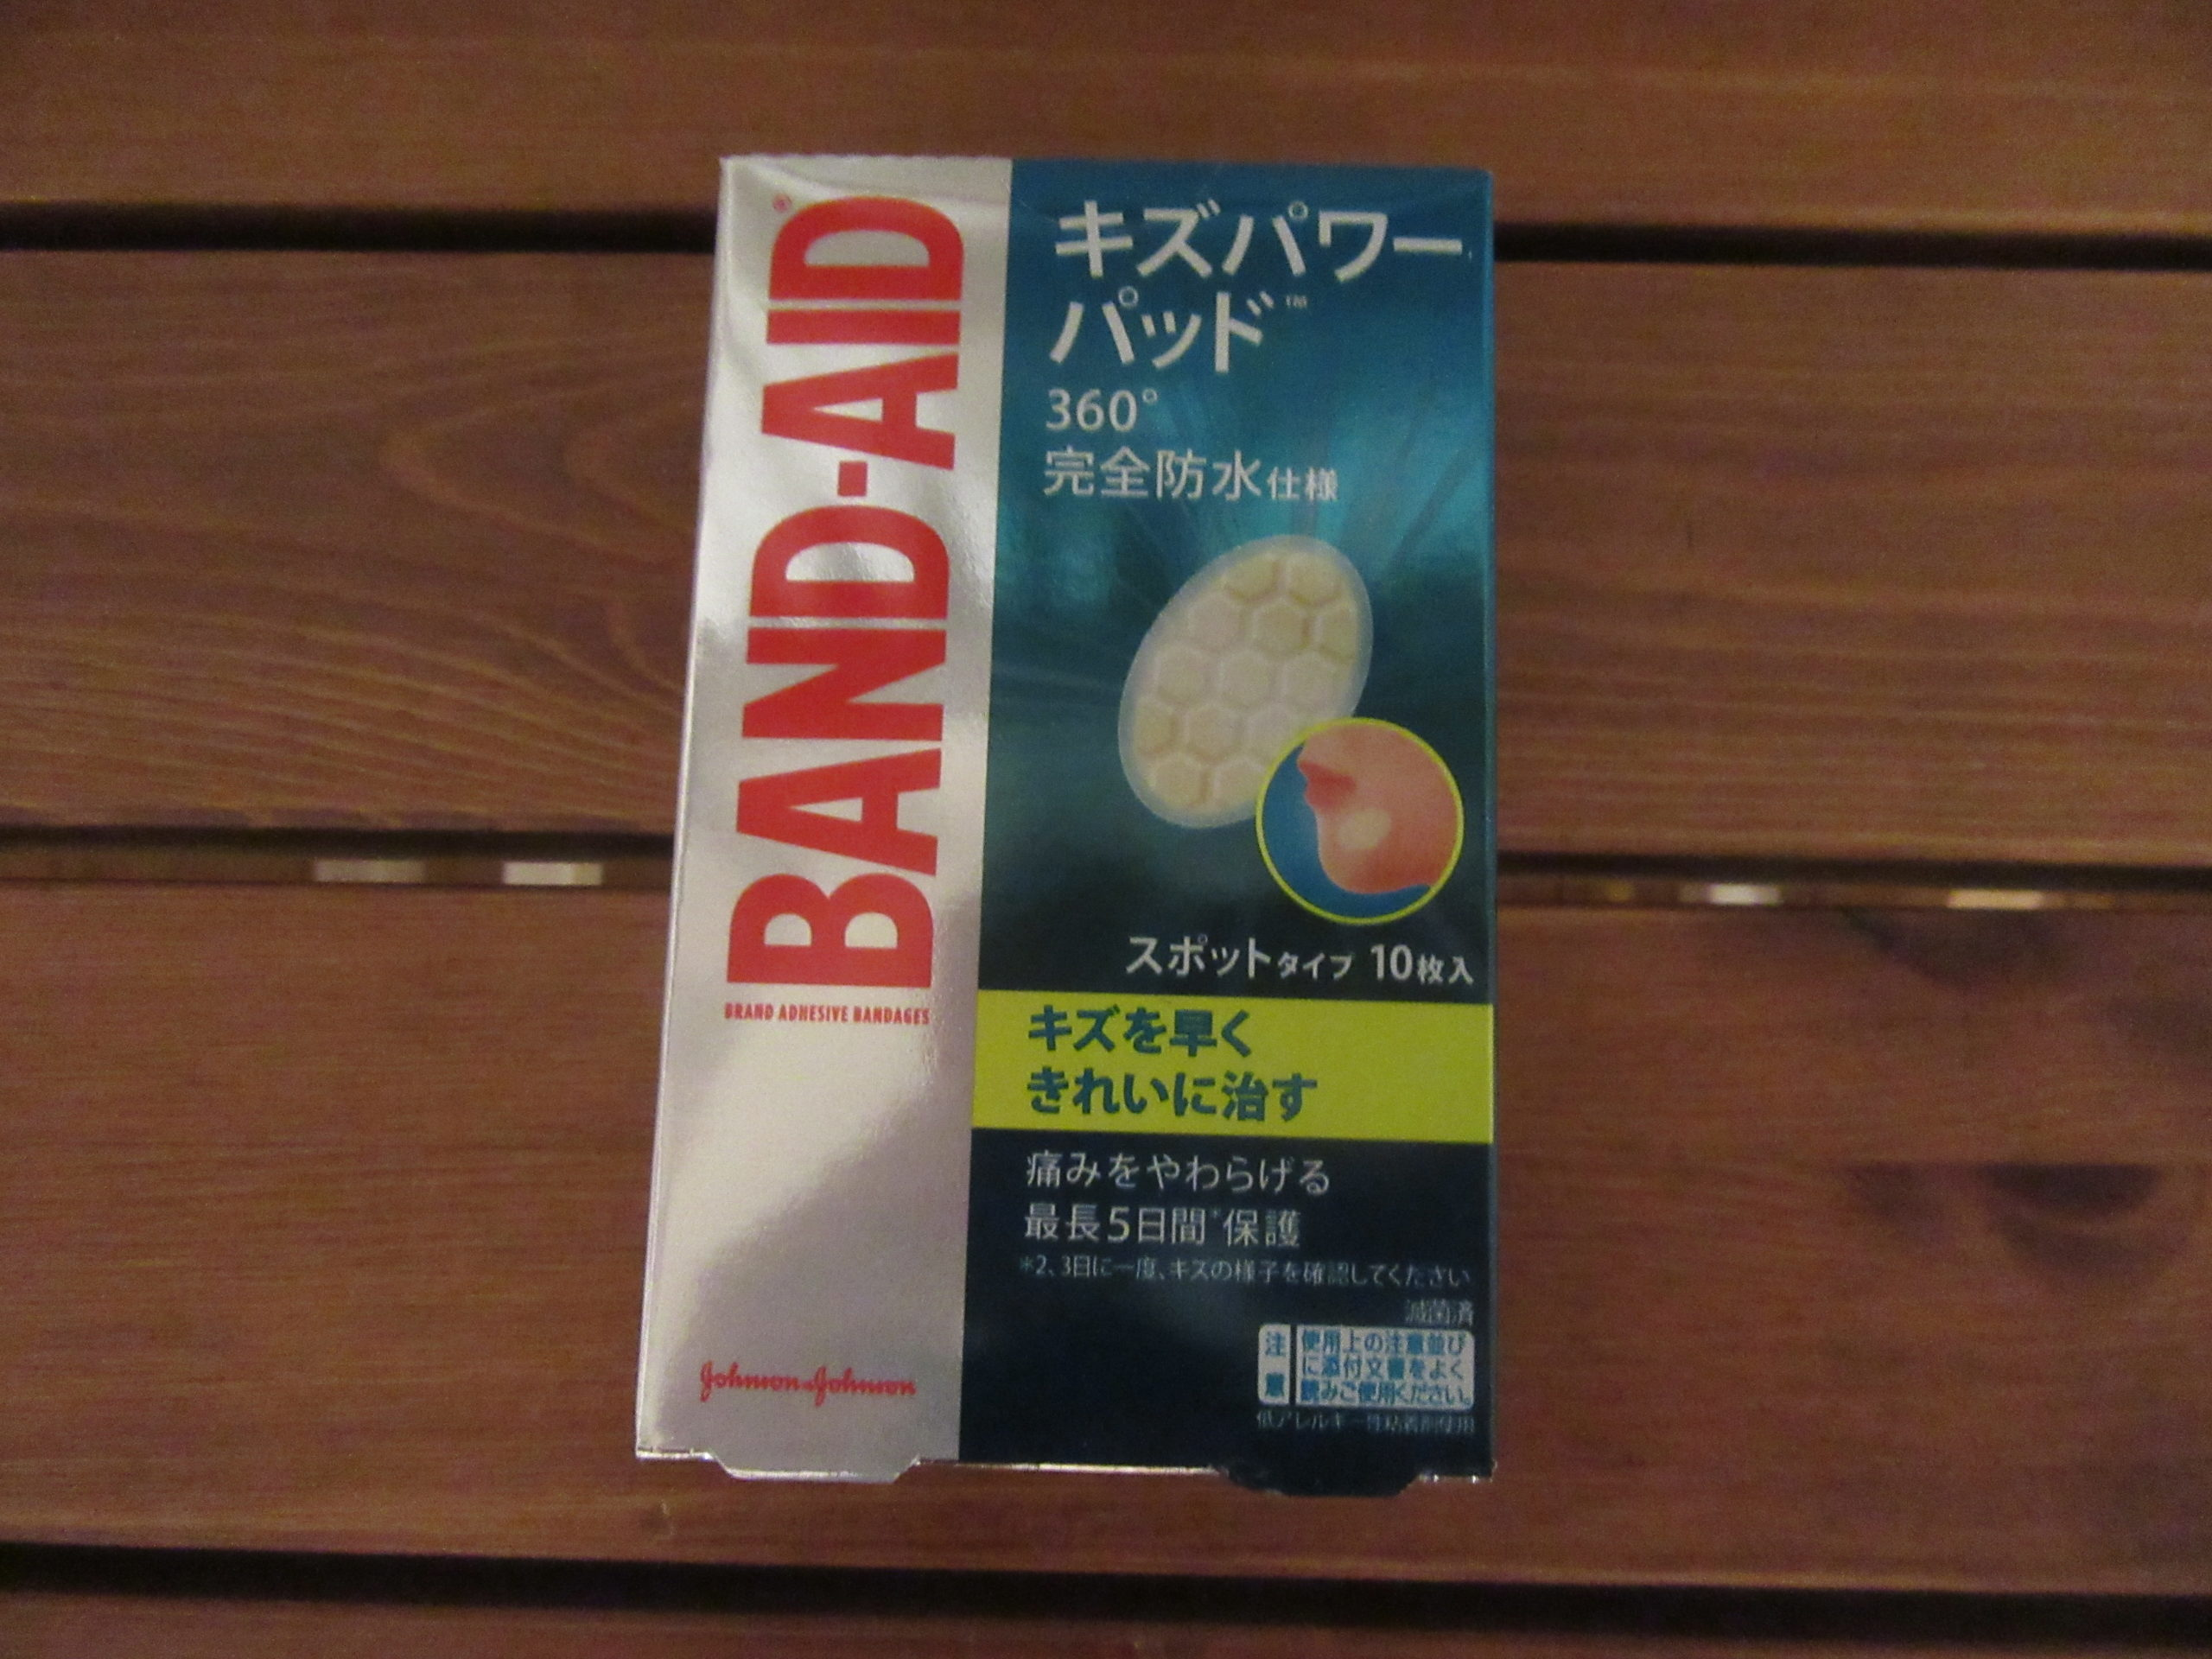 バンドエイド キズパワーパッド 3